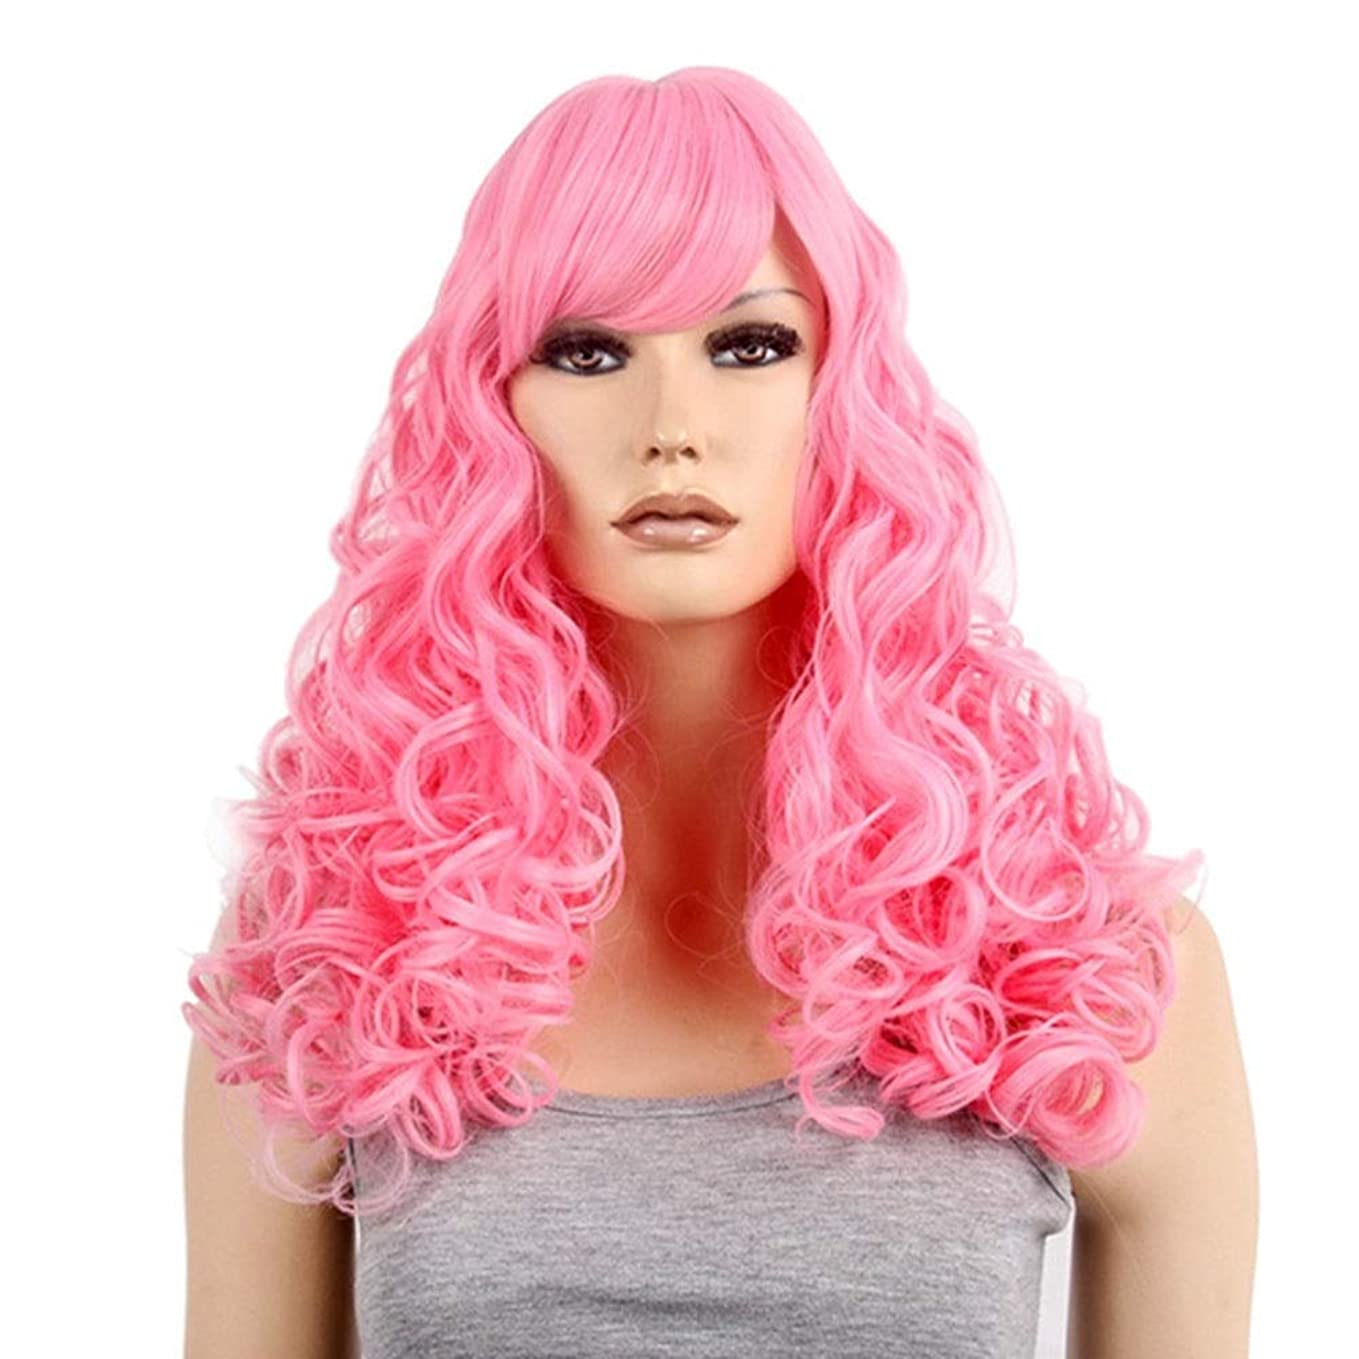 に慣れ最後に組BOBIDYEE コスプレウィッグアニメピンクの女性の長い巻き毛のかつらのかつら合成髪のレースのかつらロールプレイングかつら (色 : ピンク)